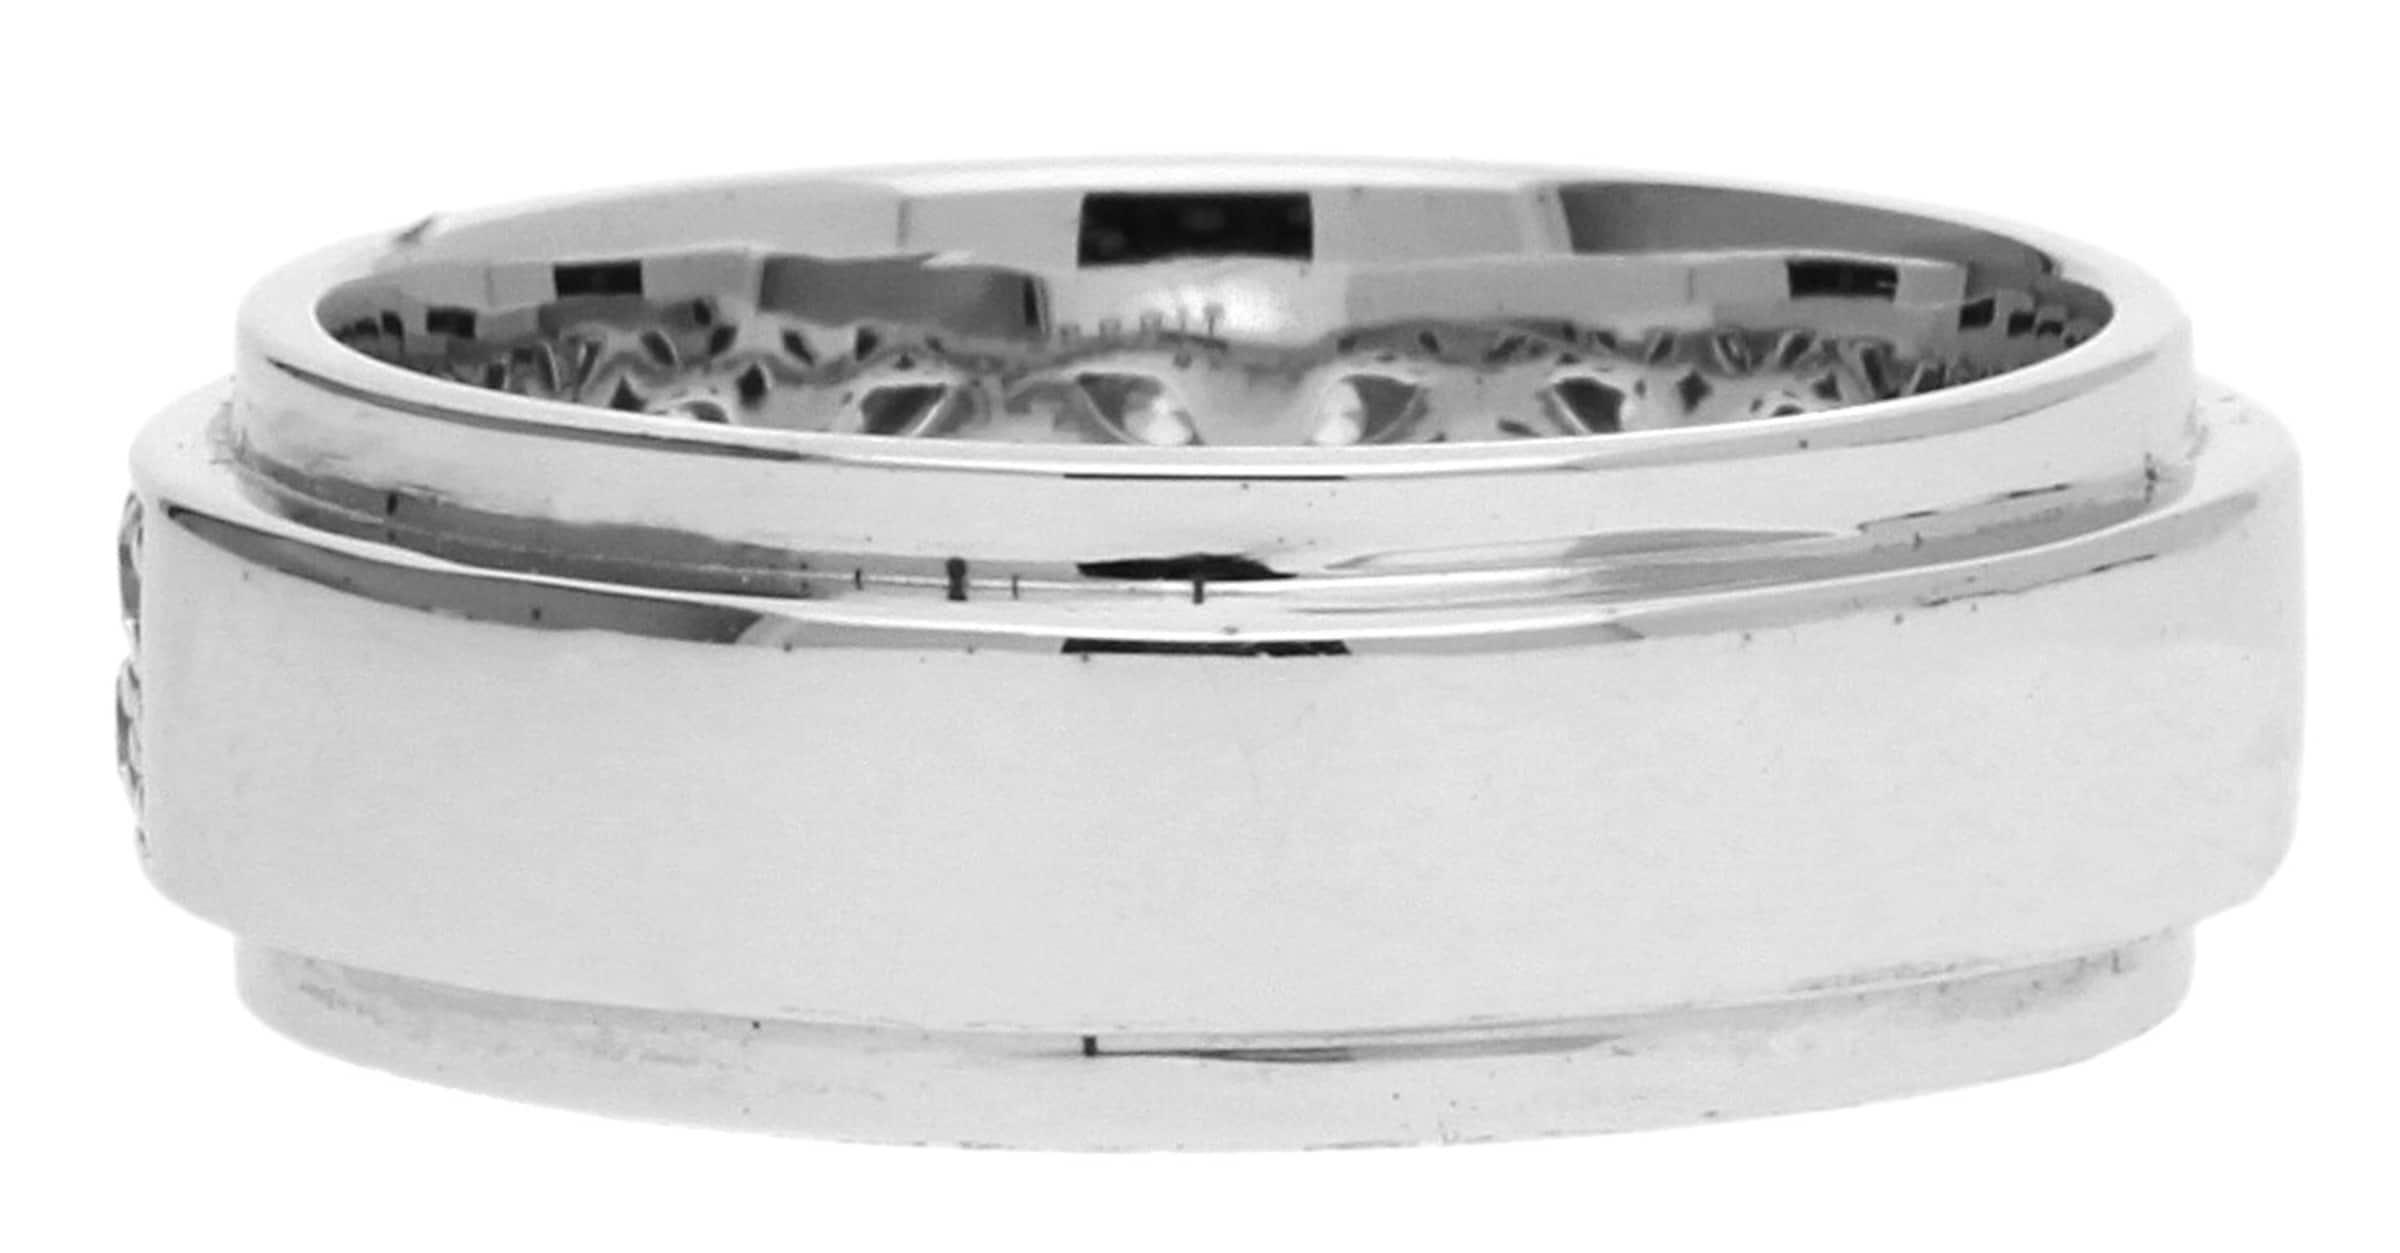 Niedrigen Preis Versandkosten Für Günstigen Preis Erstaunlicher Preis Zu Verkaufen ESPRIT Damen Fingerring Silber Modern Shape 'ESRG92374A' Rabatt Nicekicks Qw92n